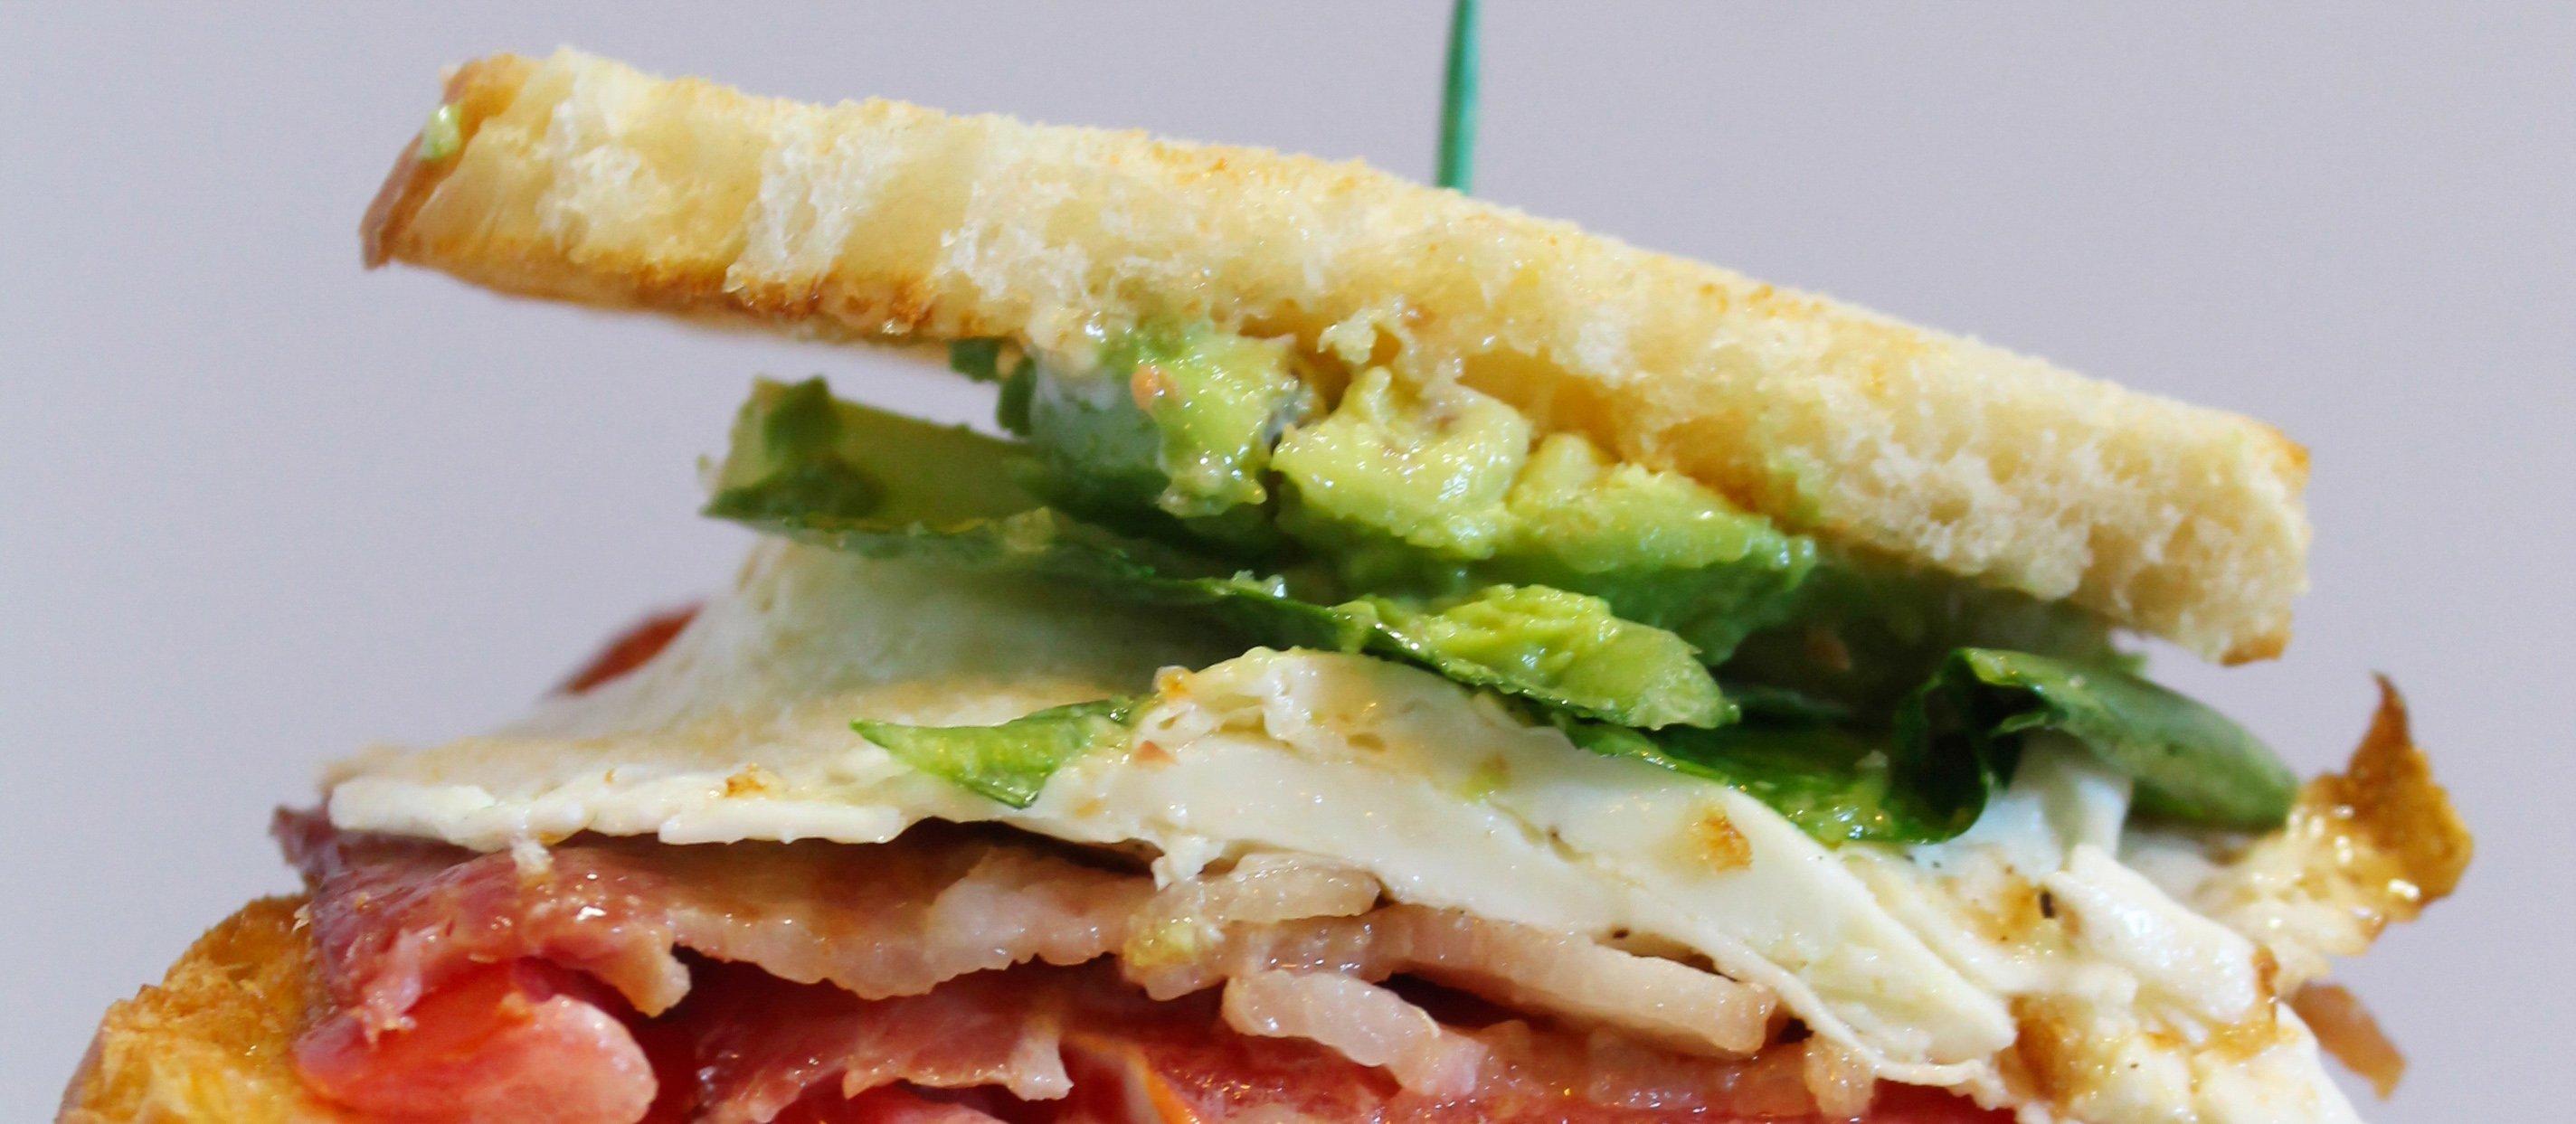 BLT Breakfast Sandwich